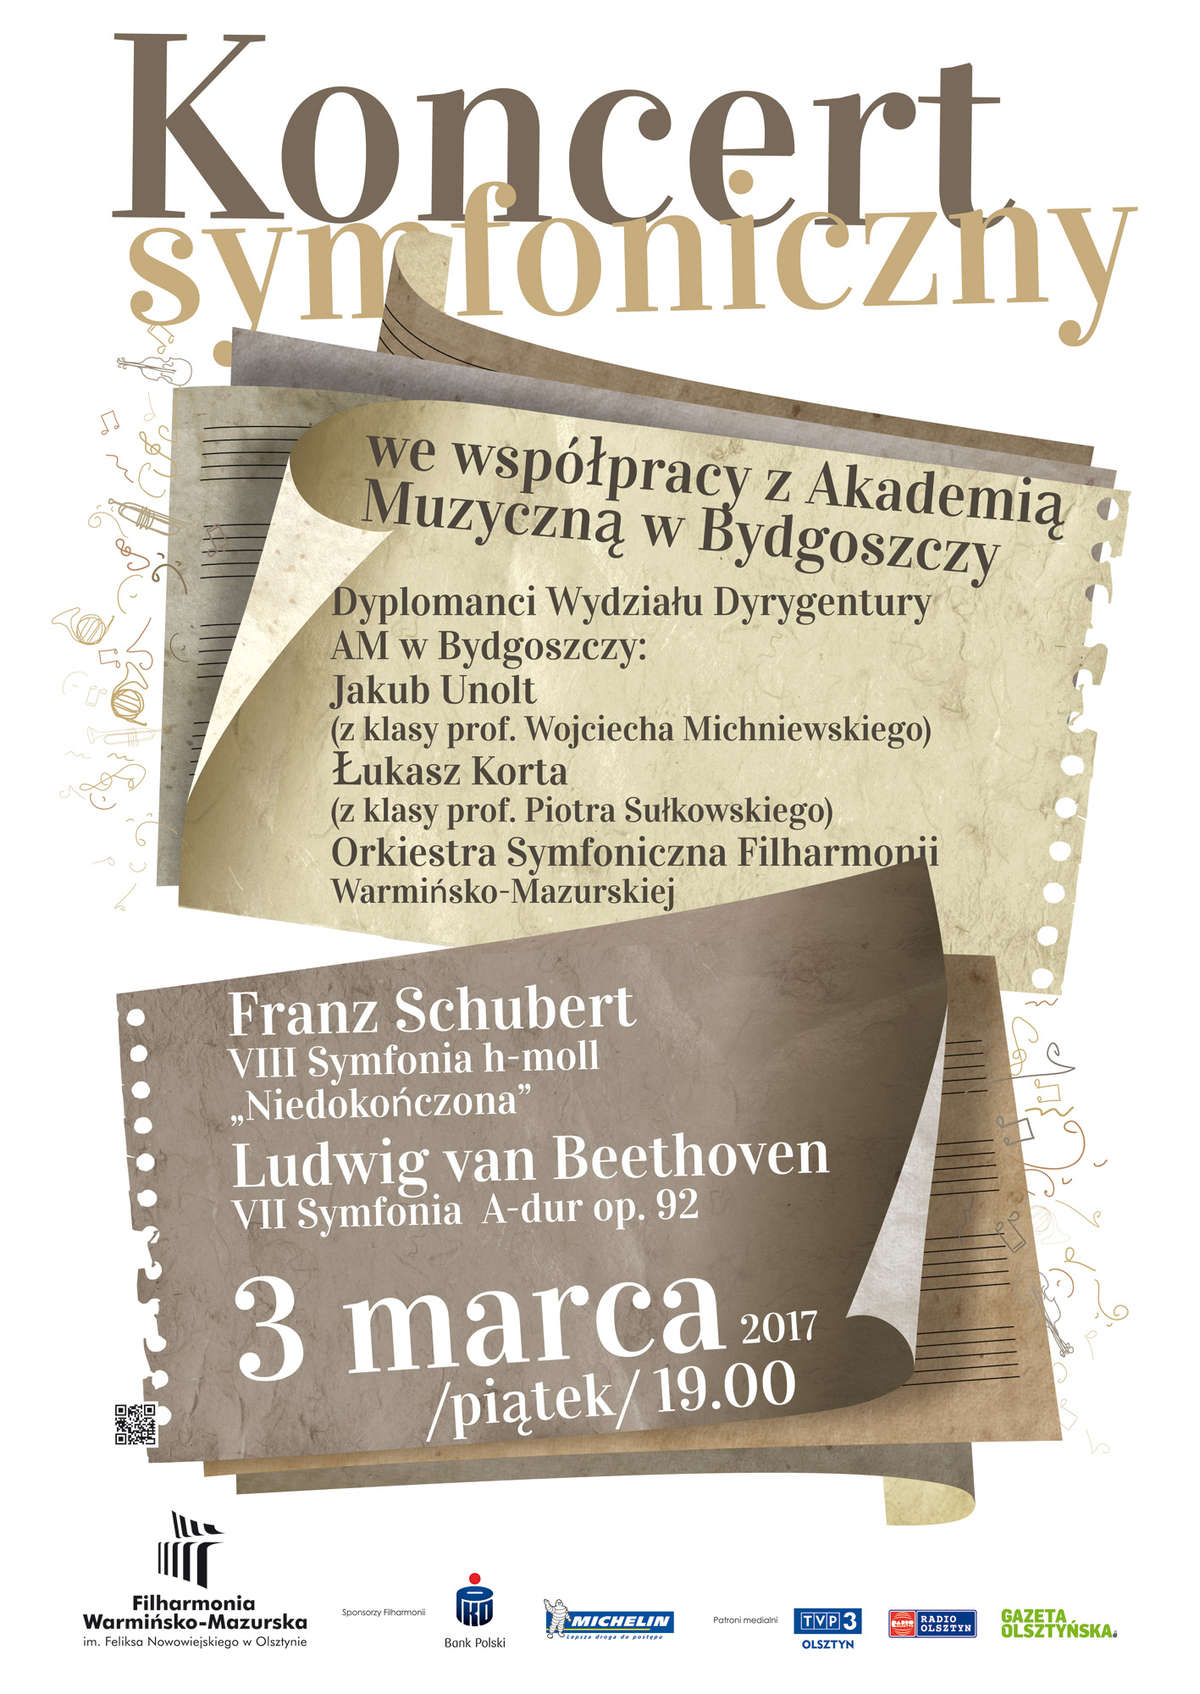 Koncert symfoniczny w filharmonii Warmińsko-Mazurskiej - full image